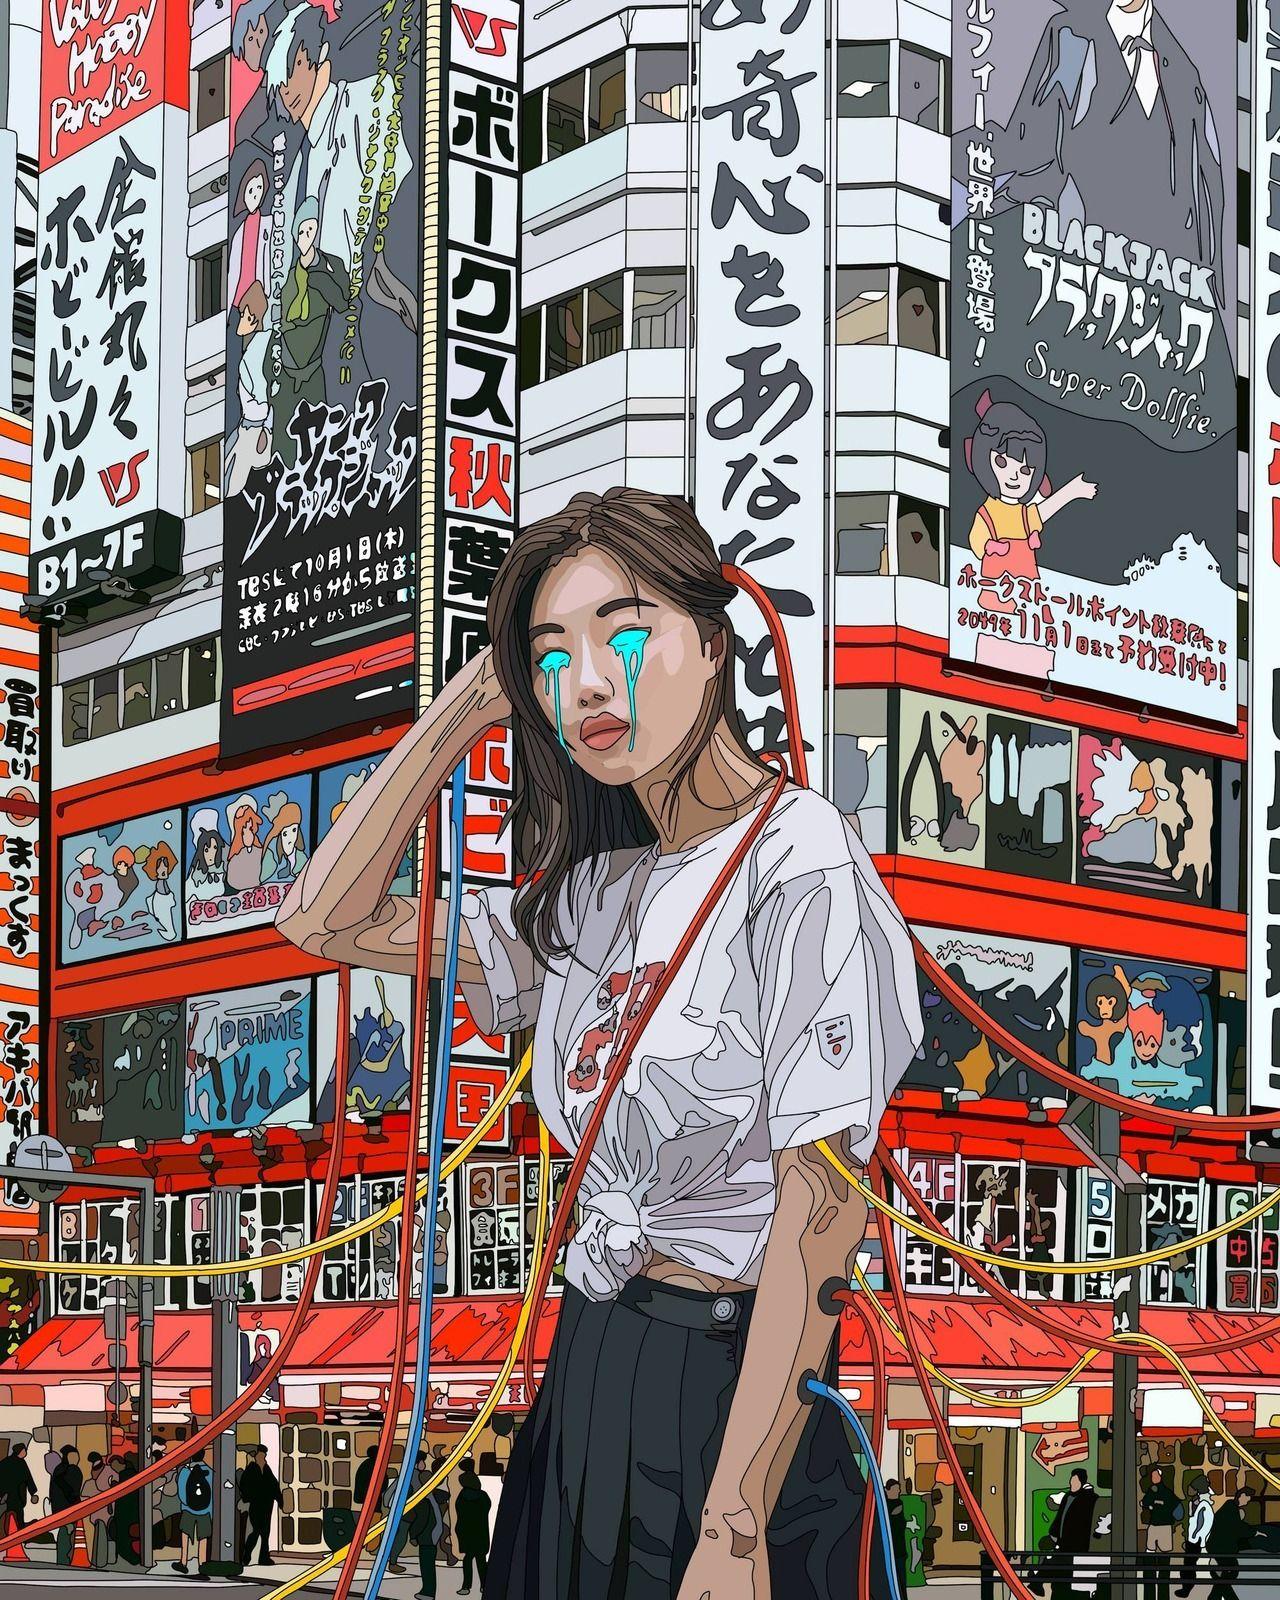 10 WEIRD ARCHITECTURE SIGHTS IN TOKYO, JAPAN (Part 1)